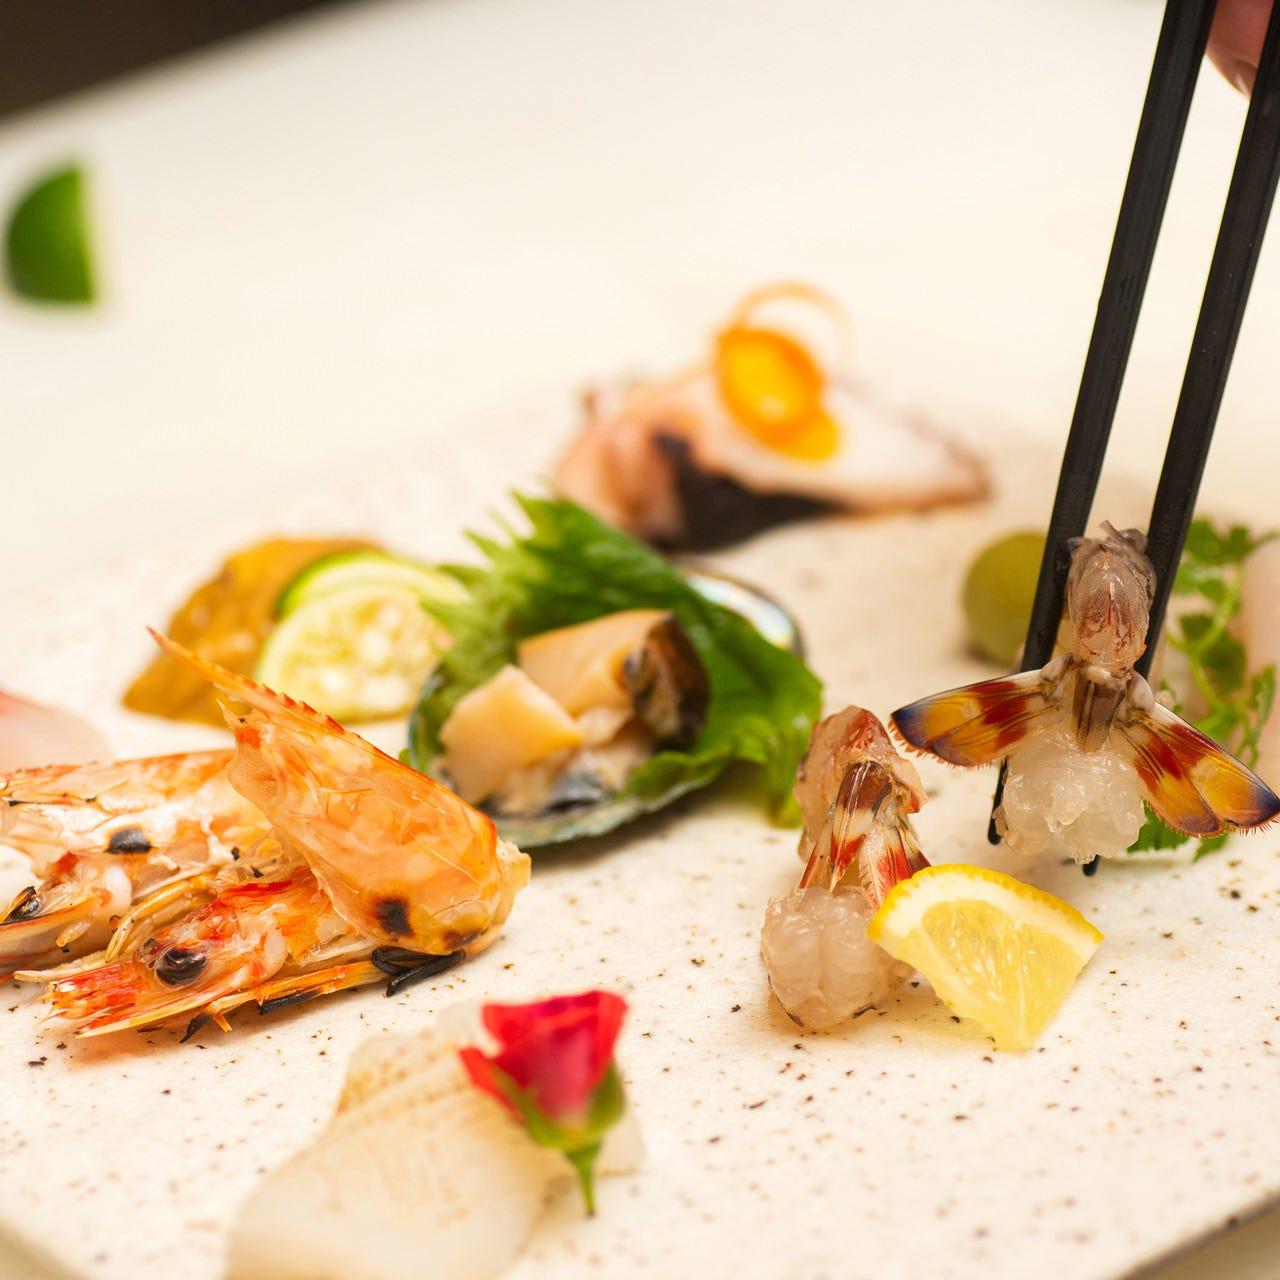 長崎・天草の漁港より活魚・鮮魚を調達。お造りも人数前でご用意